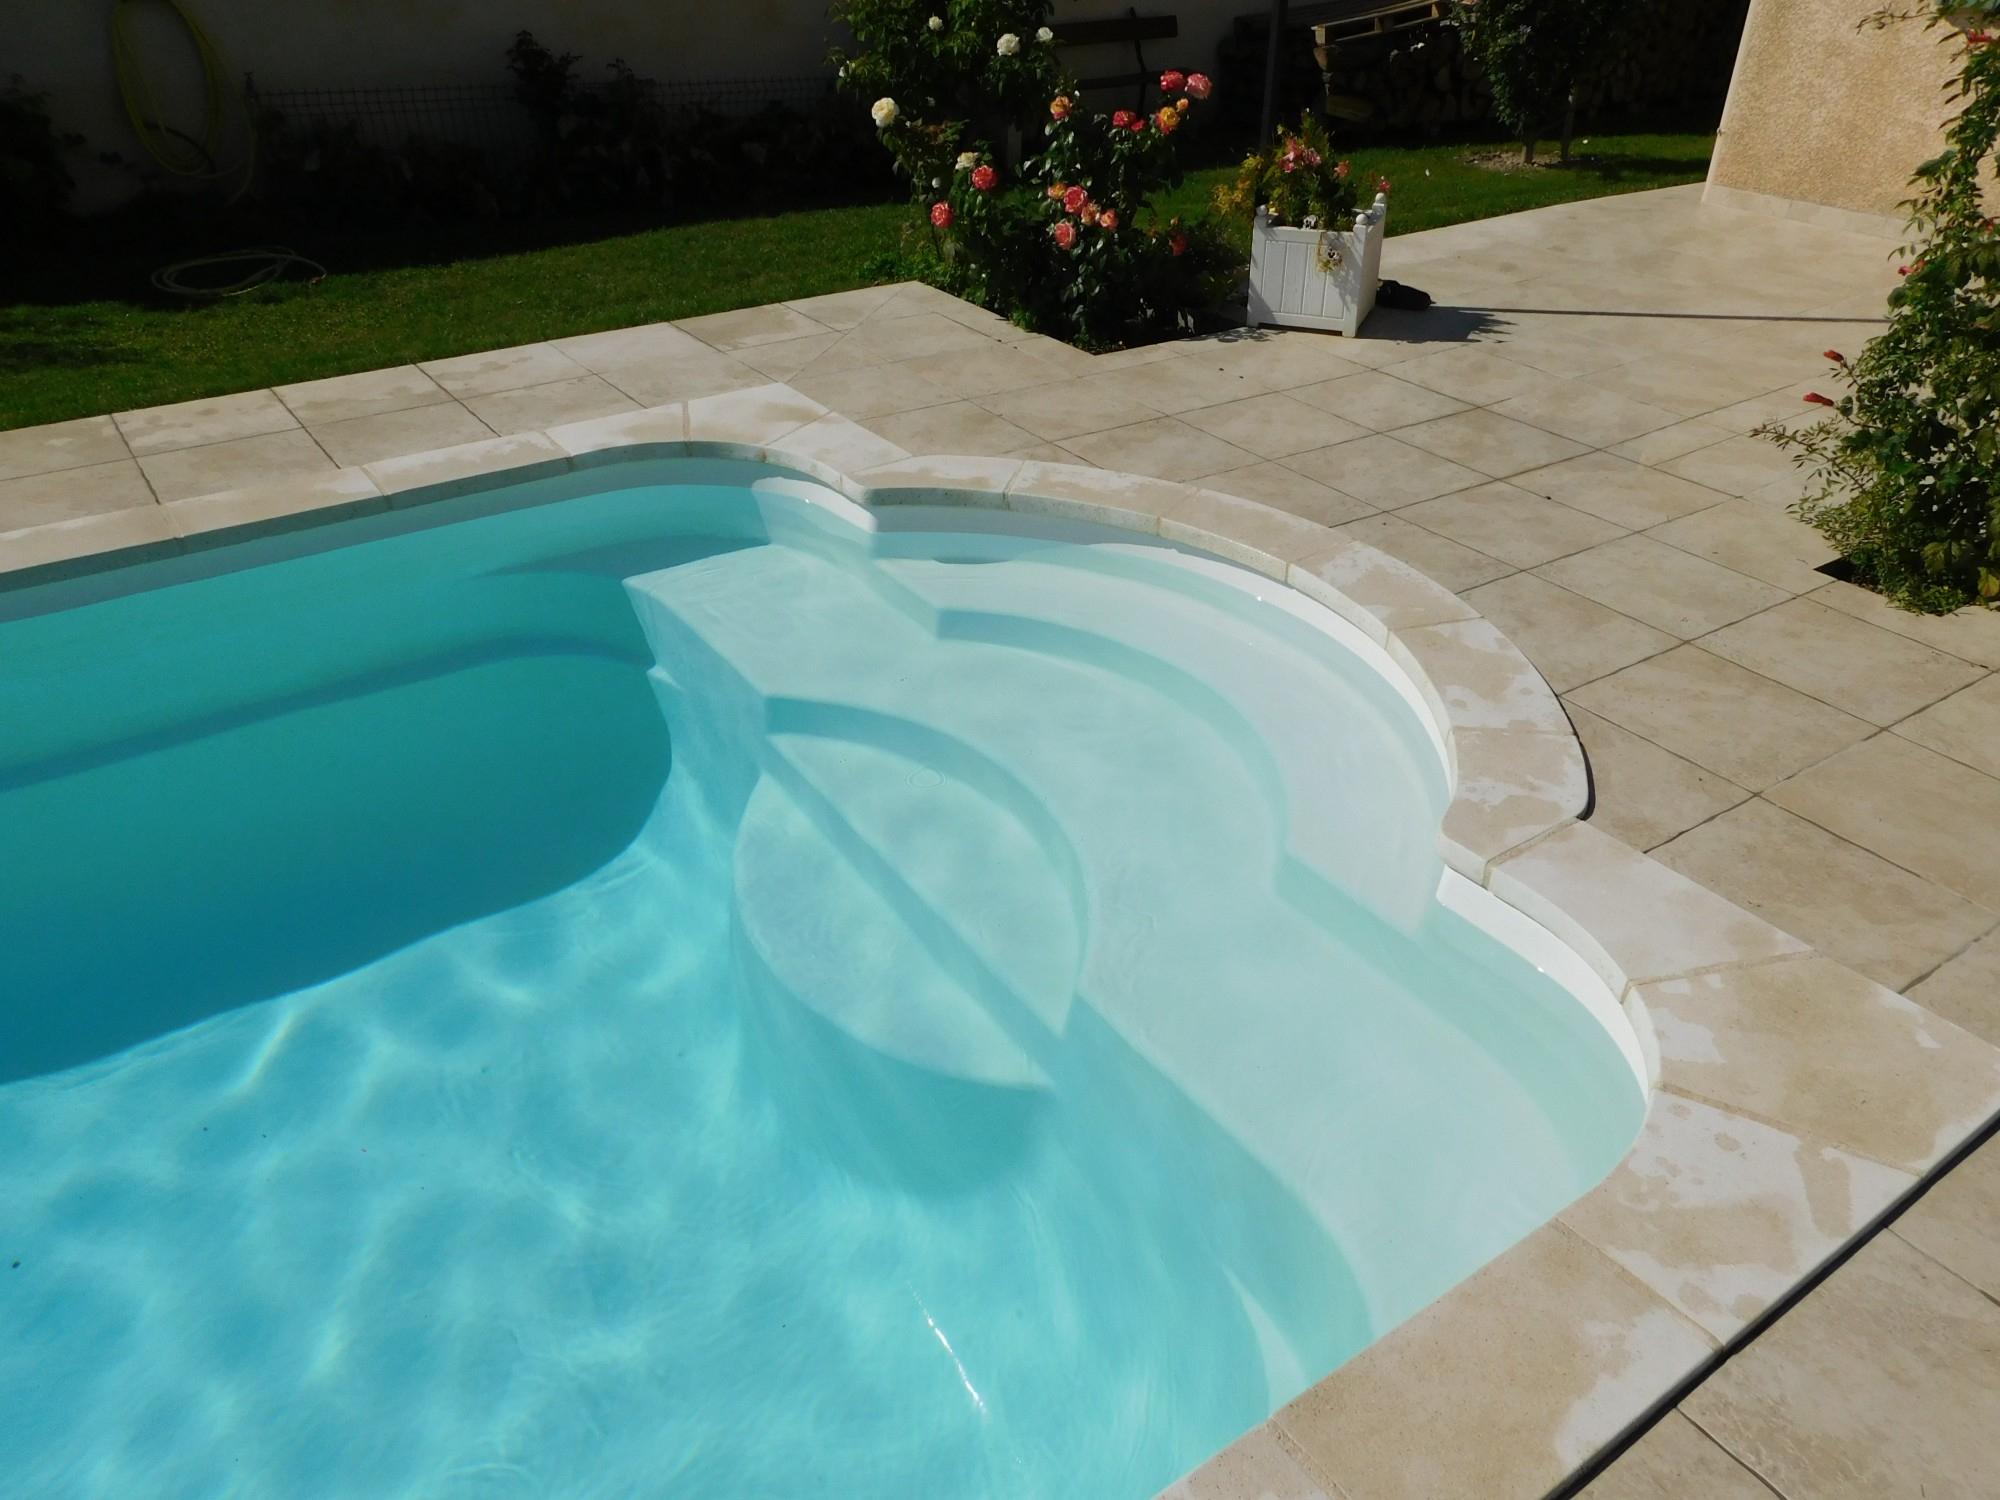 Fabrication De Coque Piscine Pas Chère Béziers 34500 ... à France Piscine Istres